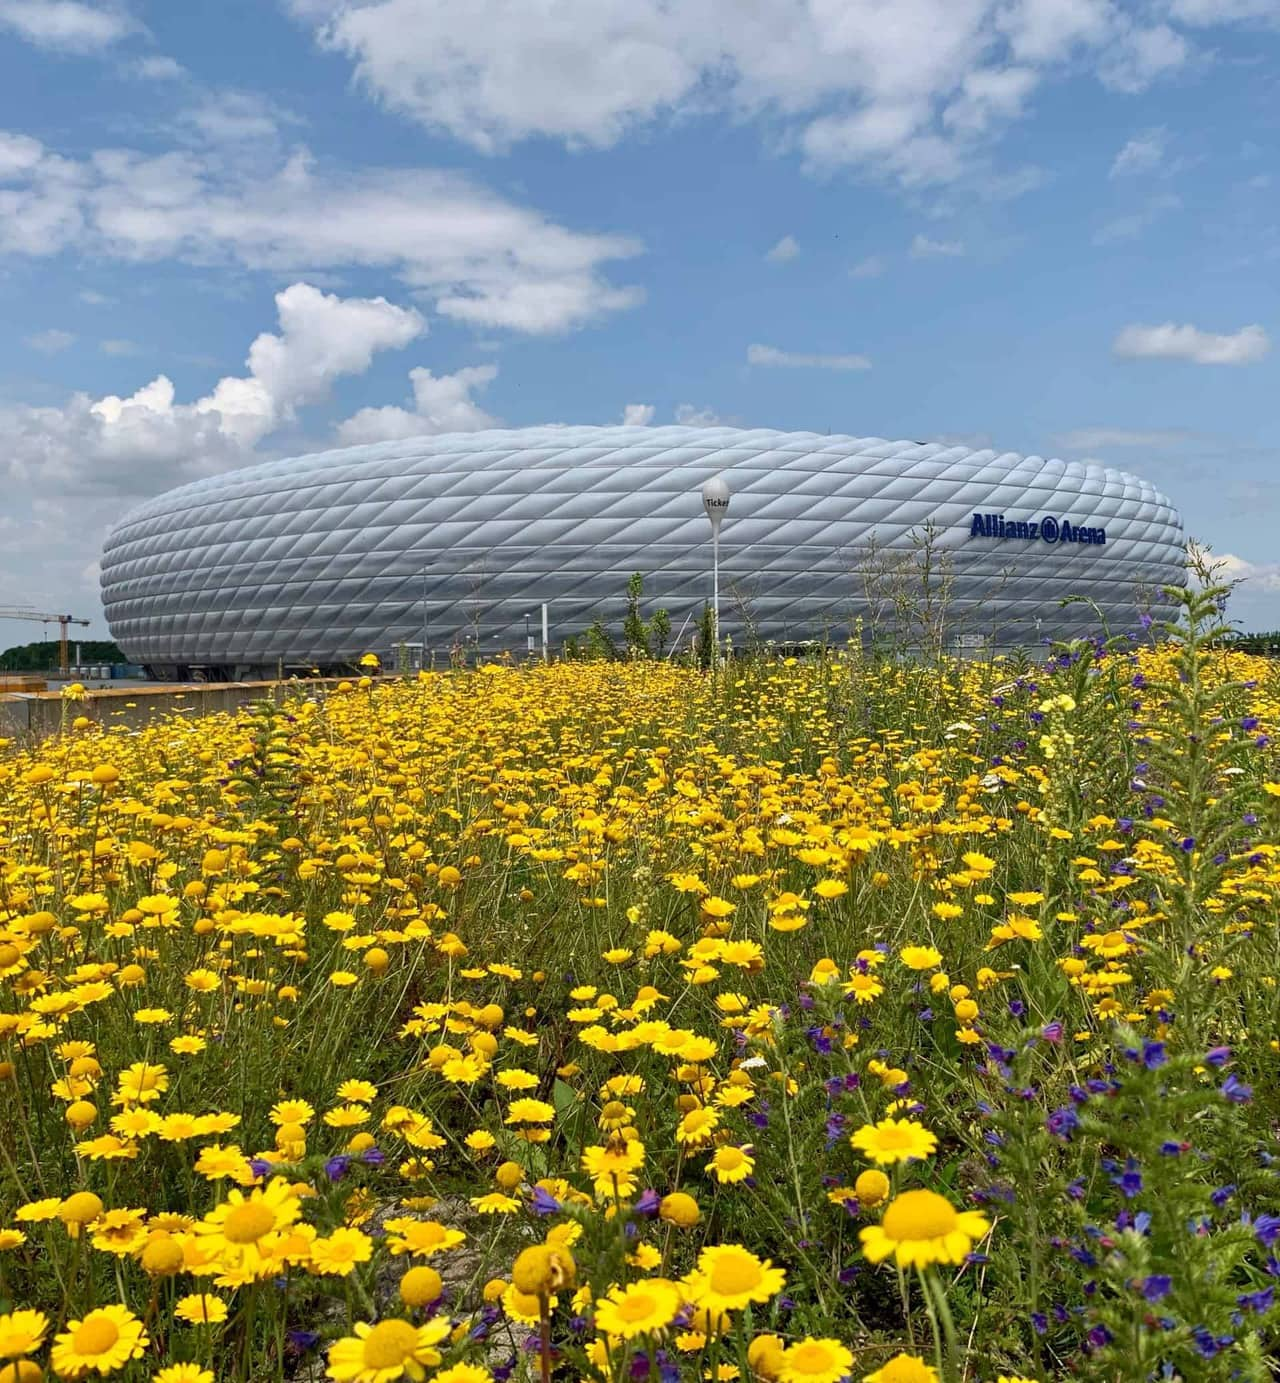 München_Allianz_Arena_Blumenwiese